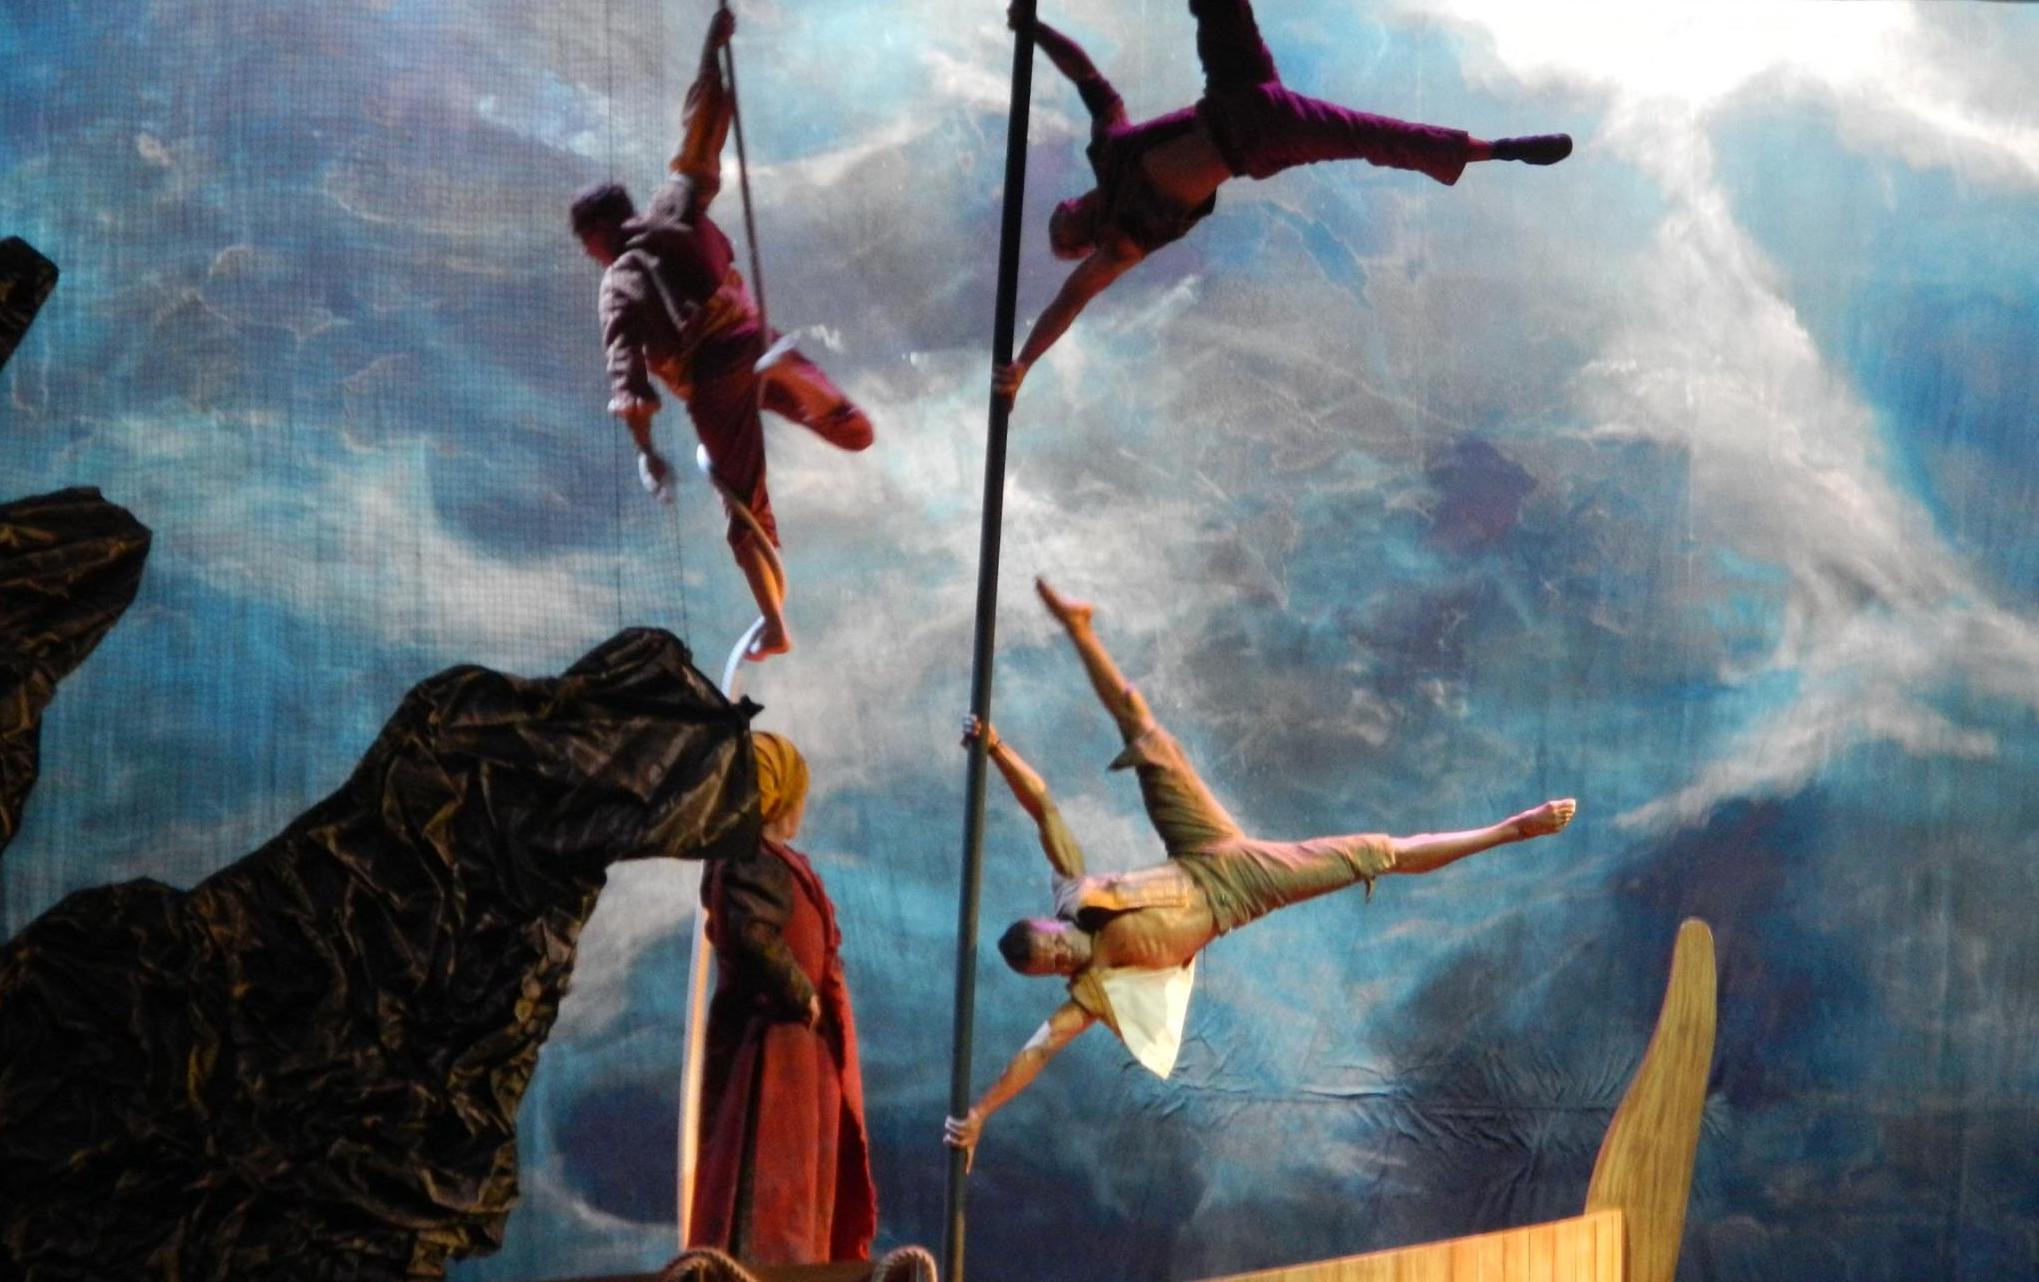 ecole_de_cirque_formations_professionelles_Paris_Ahmed-Said_directeur_acrobate_letourdumondeengalipette